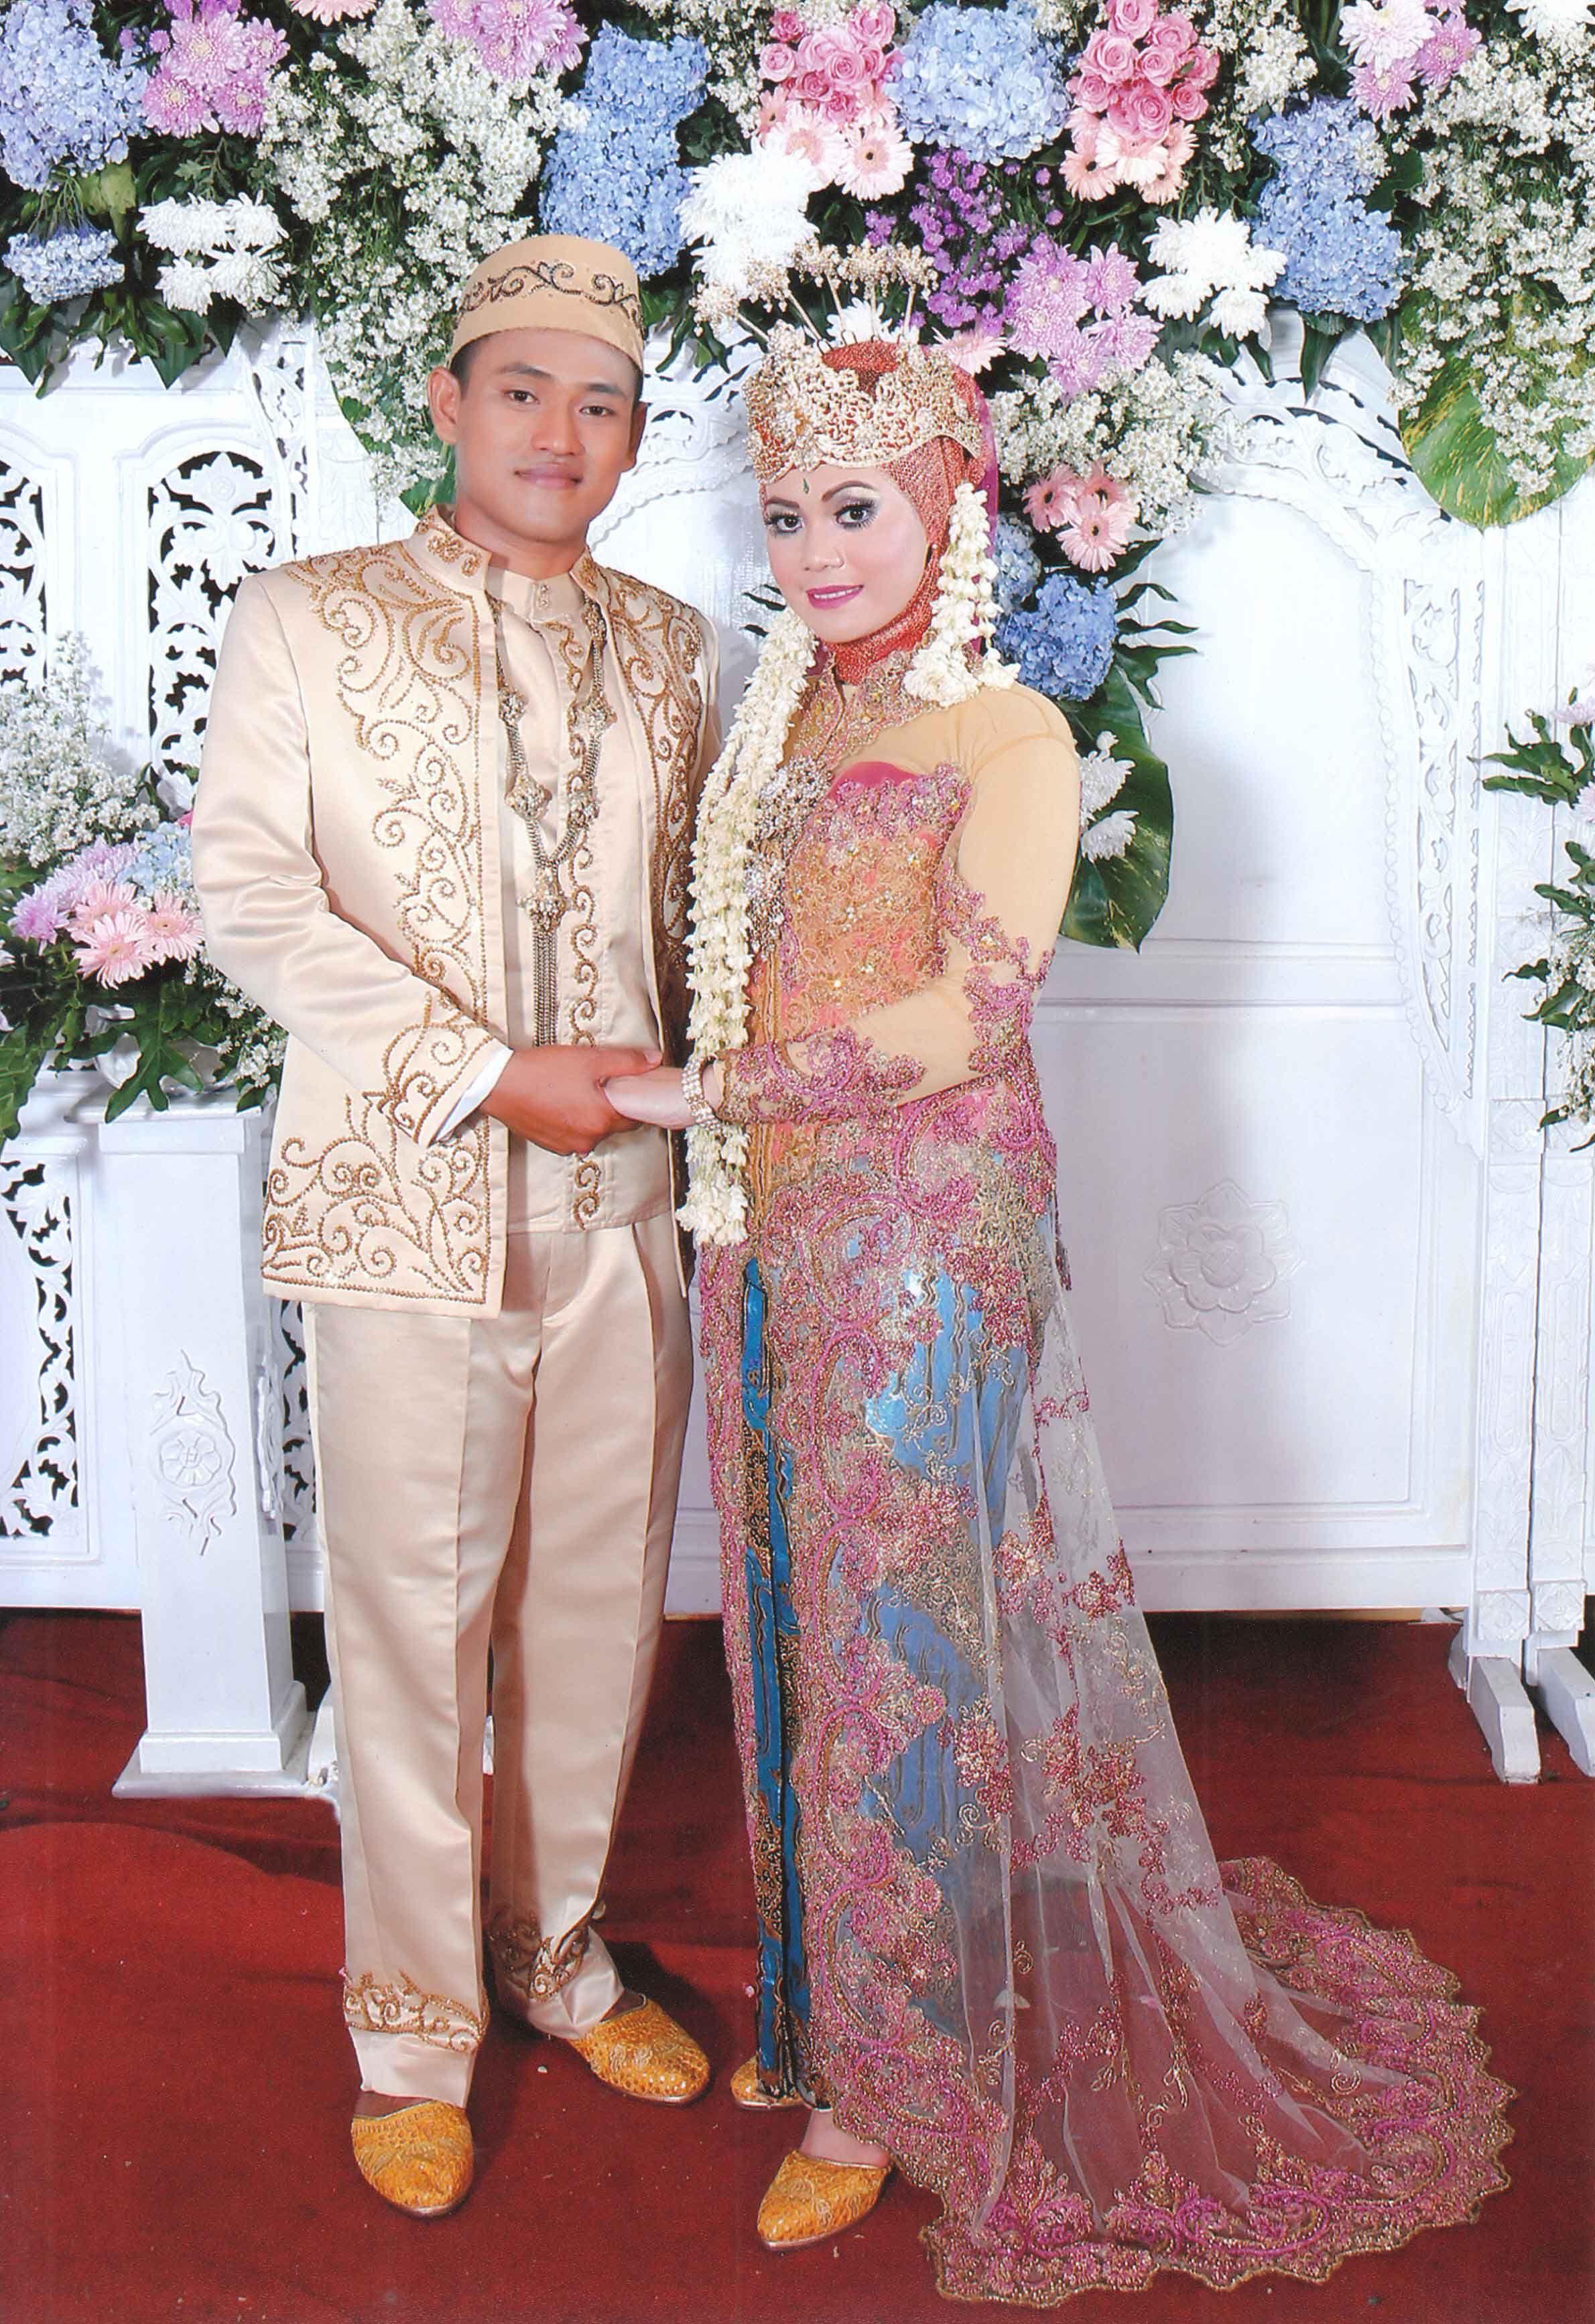 gaun pengantin muslim modifikasi  Formal dresses long, Dresses